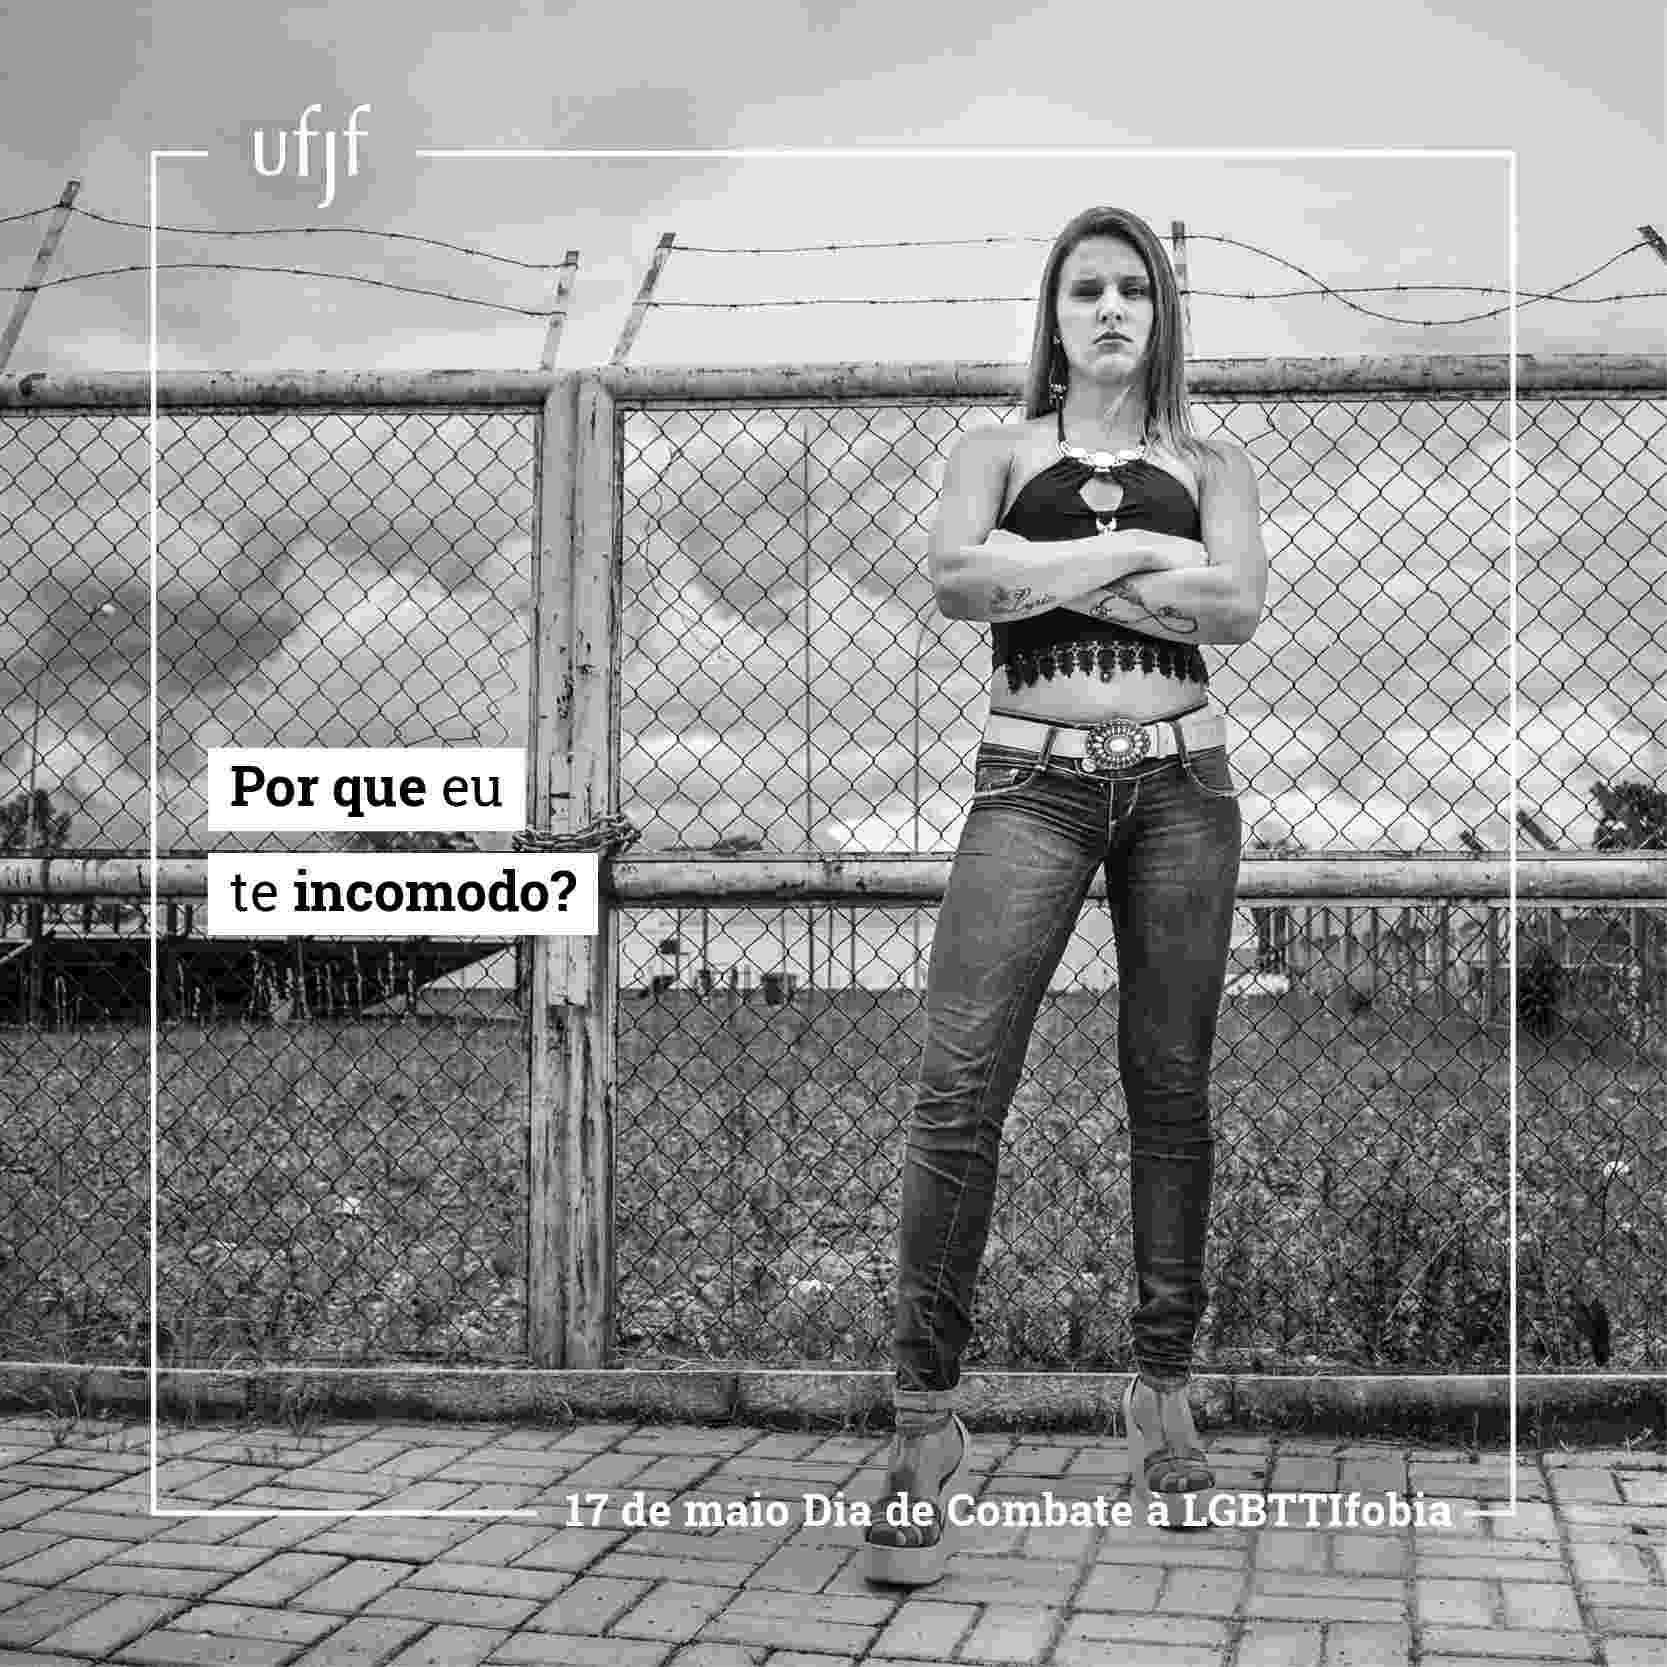 UFJF faz campanha contra LGBTTIFobia - Divulgação/UFJF